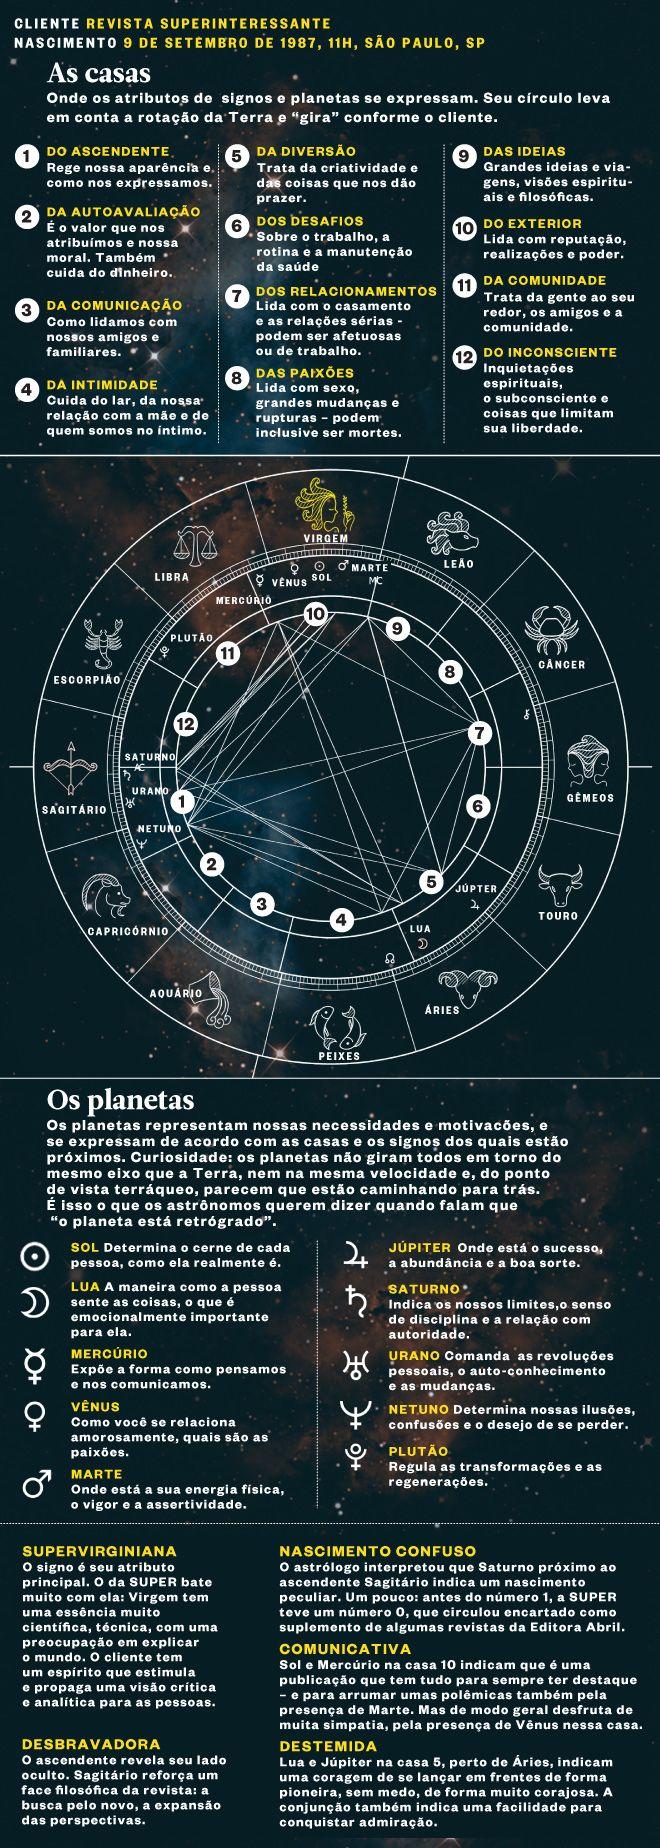 Verdades inconvenientes sobre astrologia - Superinteressante Mais